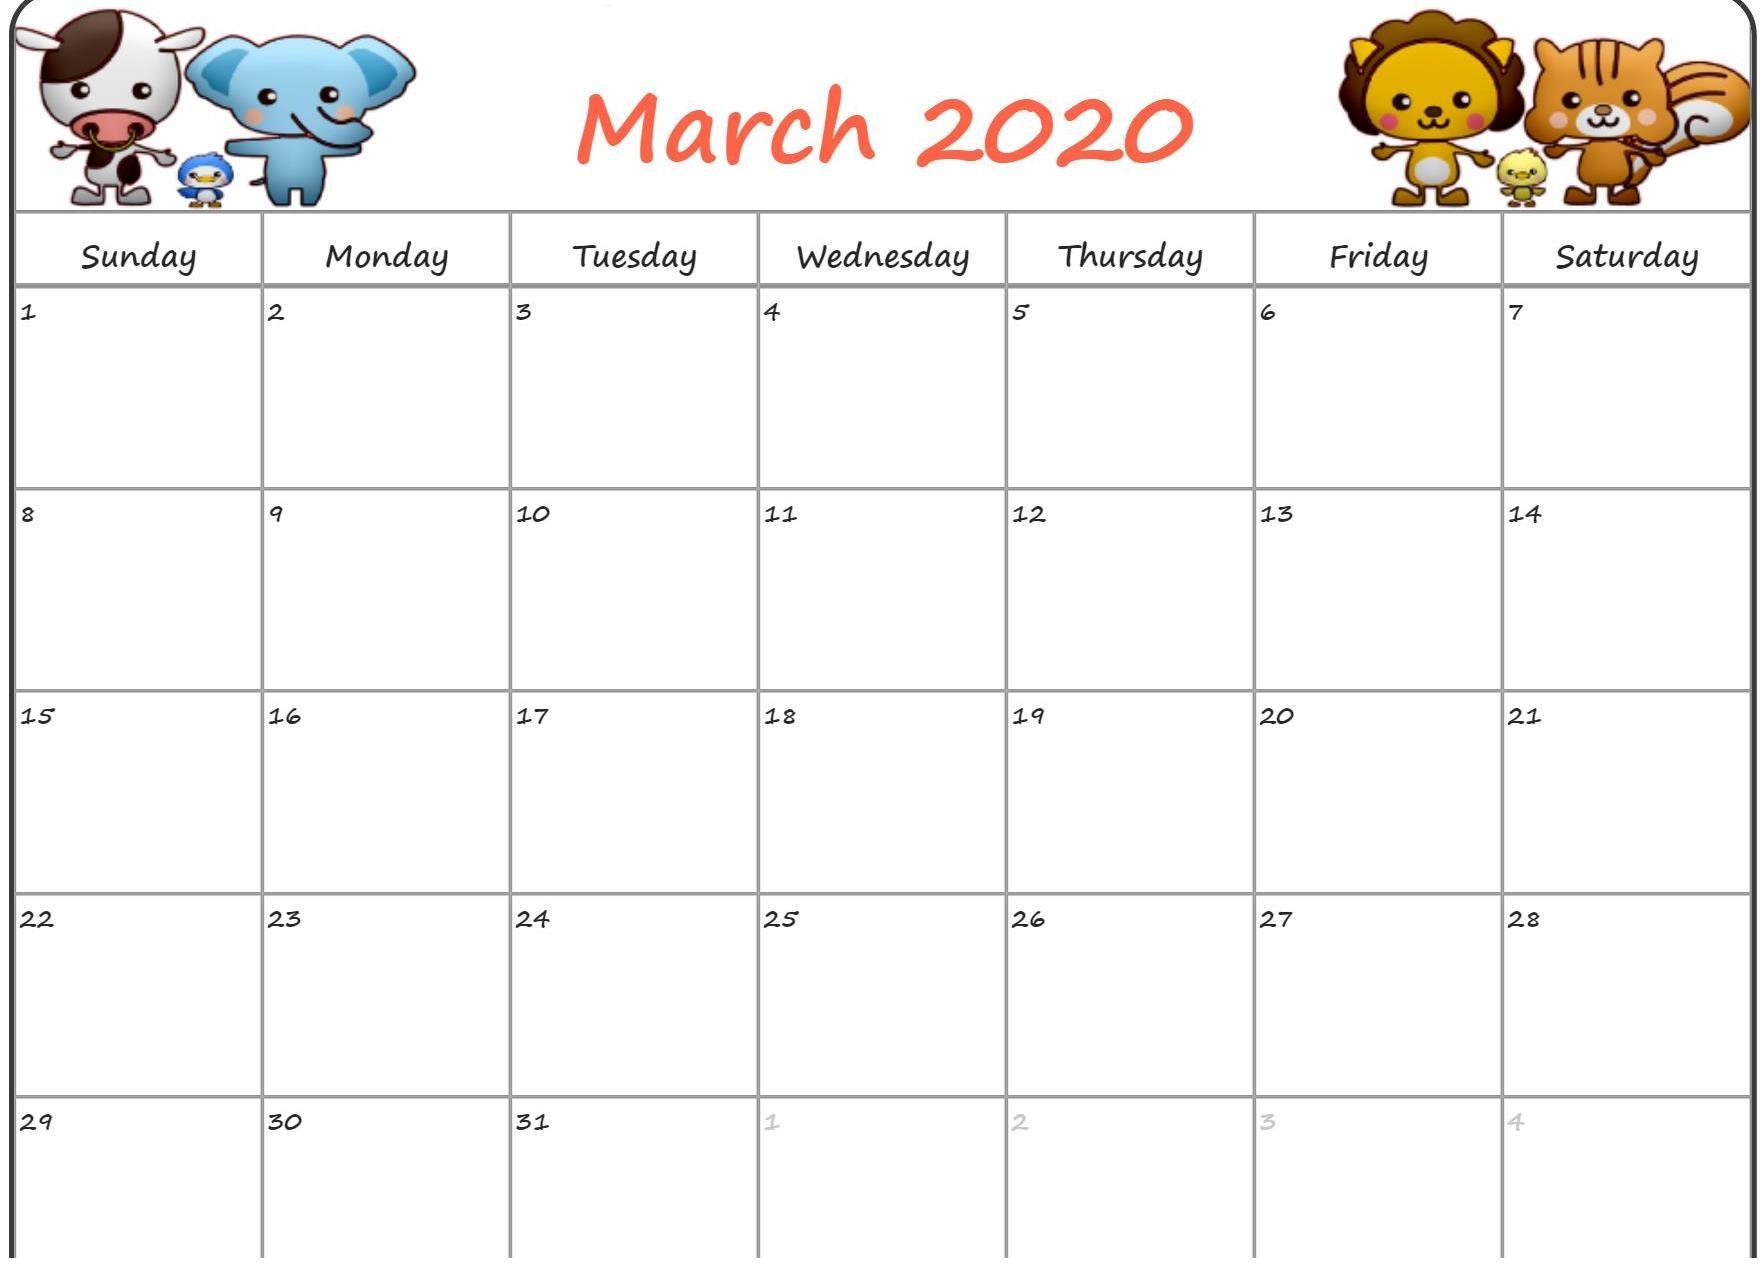 March Calendar 2020 Printable